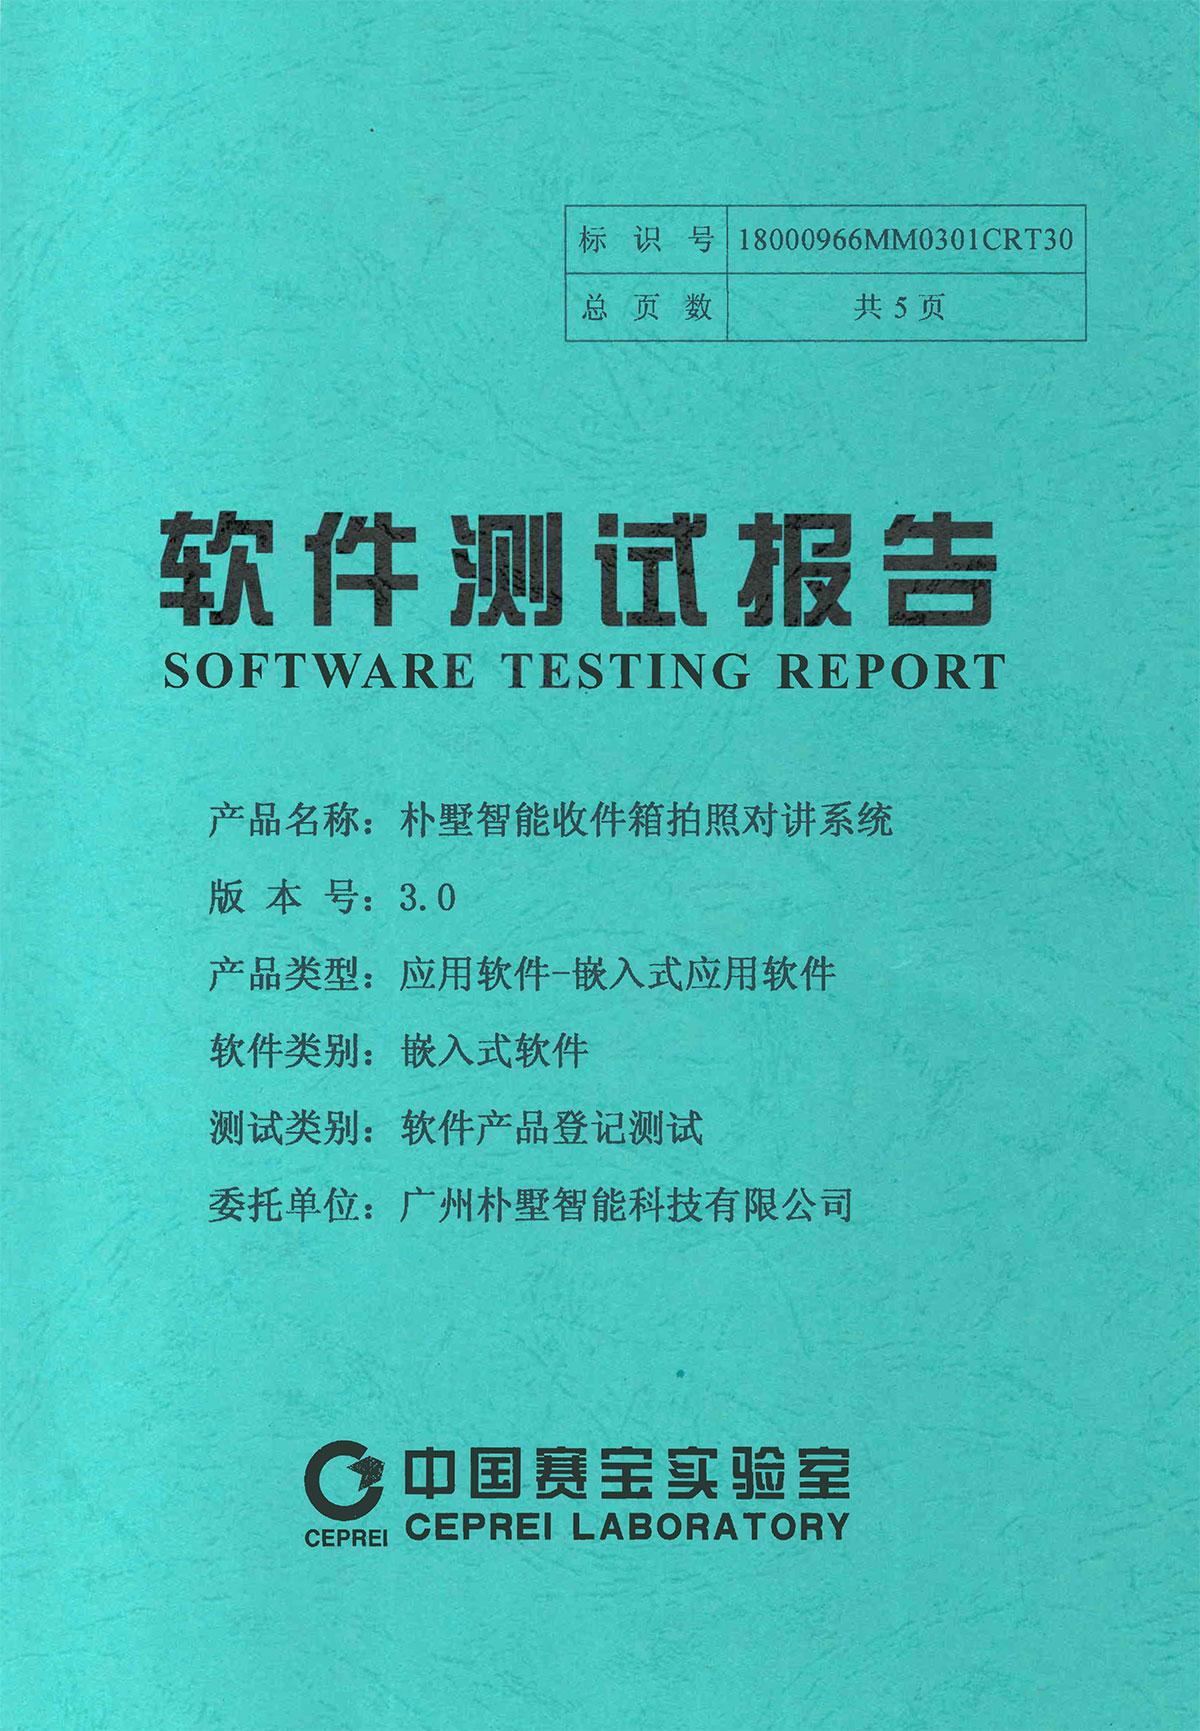 收件箱拍照对讲系统软件测试报告